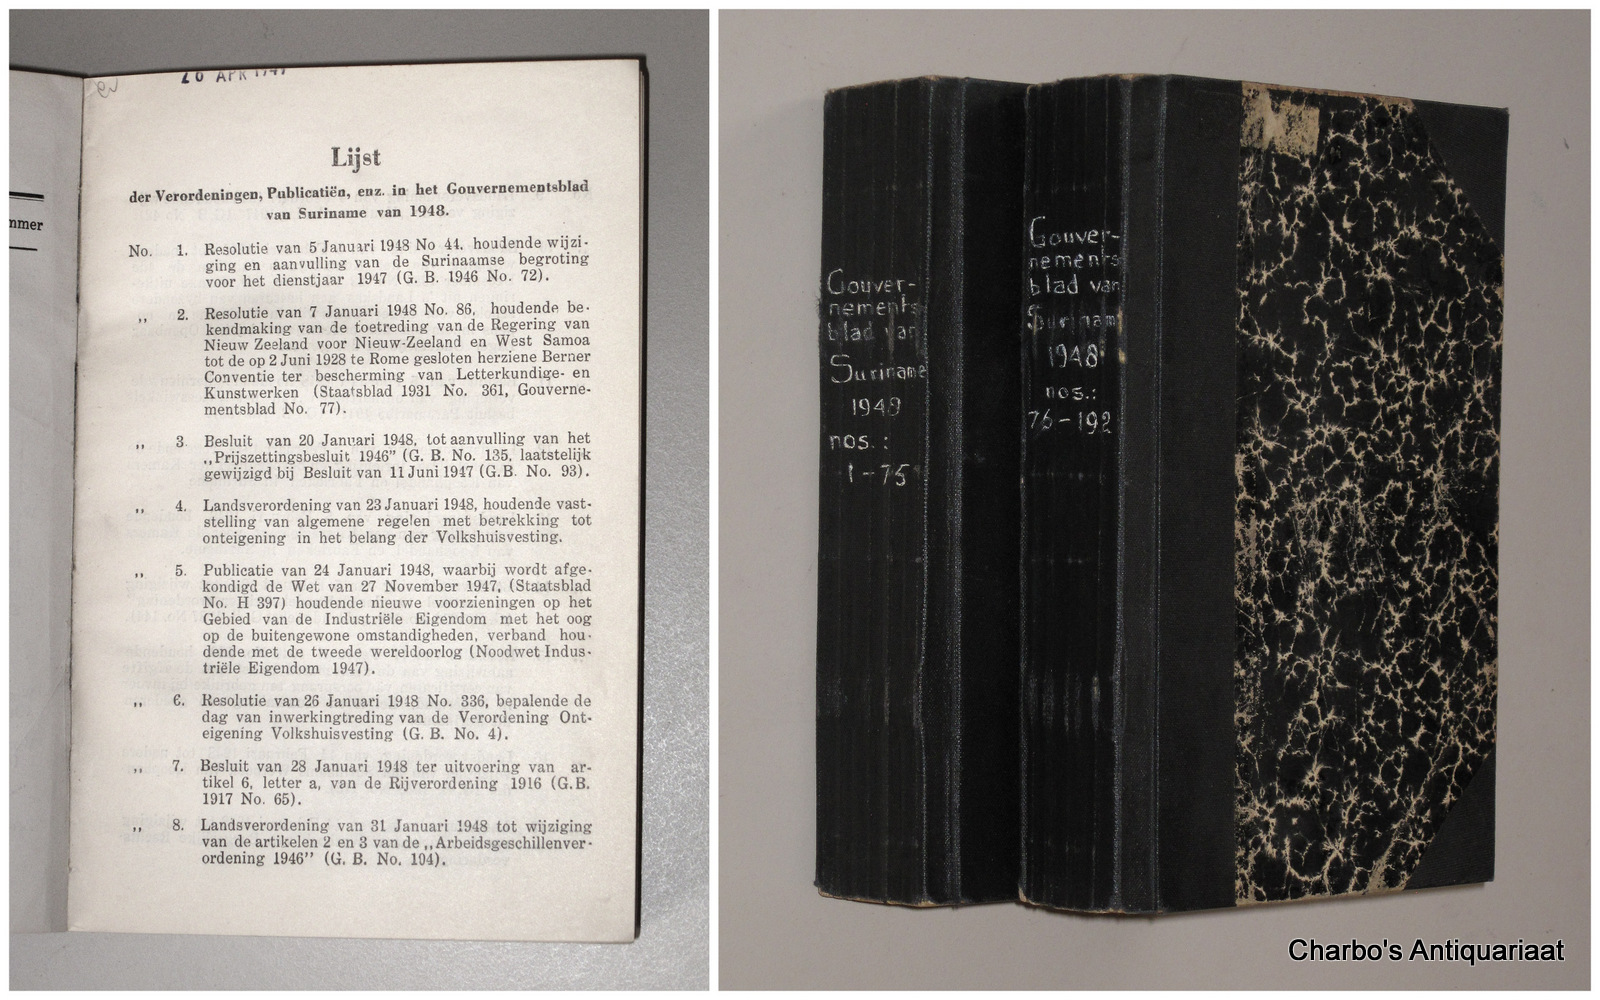 SURINAME. -  Gouvernementsblad van Suriname 1948.